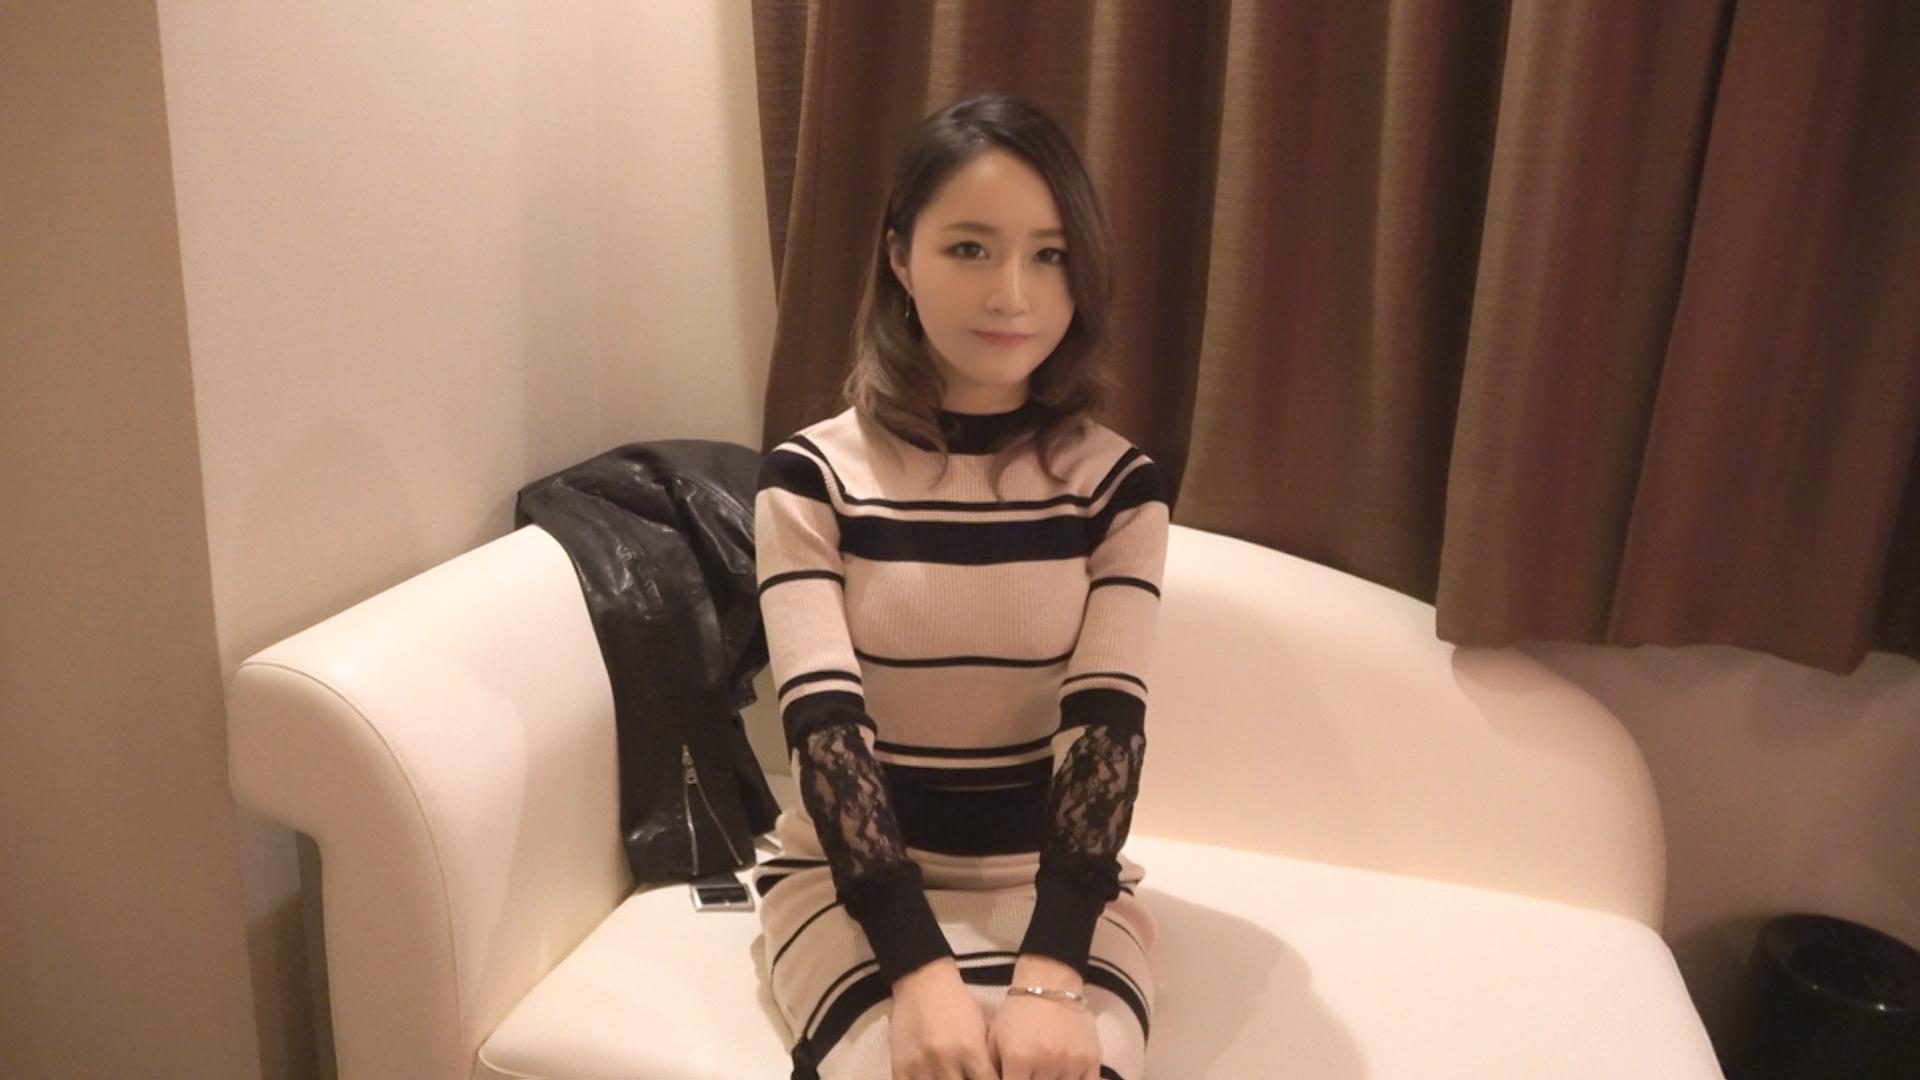 ネットでAV応募→AV体験撮影 1220 優里奈 30歳 シングルマザー ヘアメイク SIRO-4086(今井優里奈)